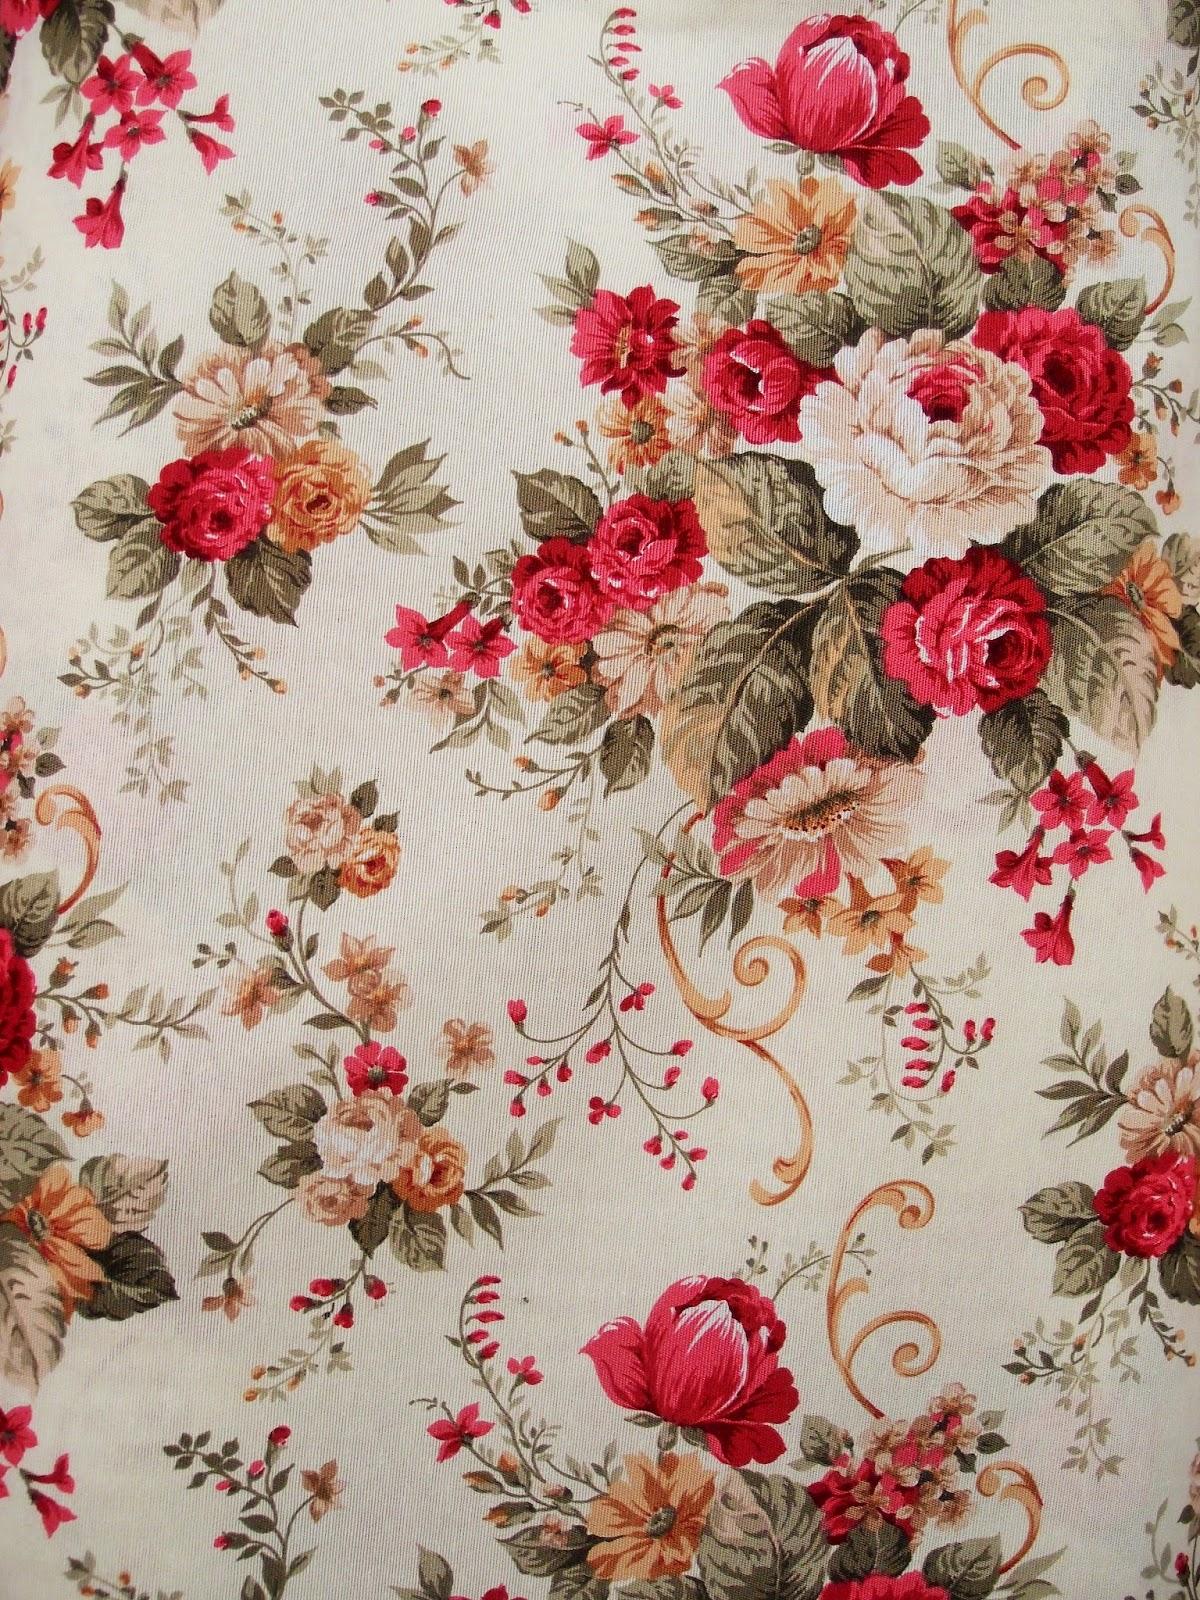 Tessuti per divani a fiori idee per il design della casa - Tessuti per divani vendita on line ...